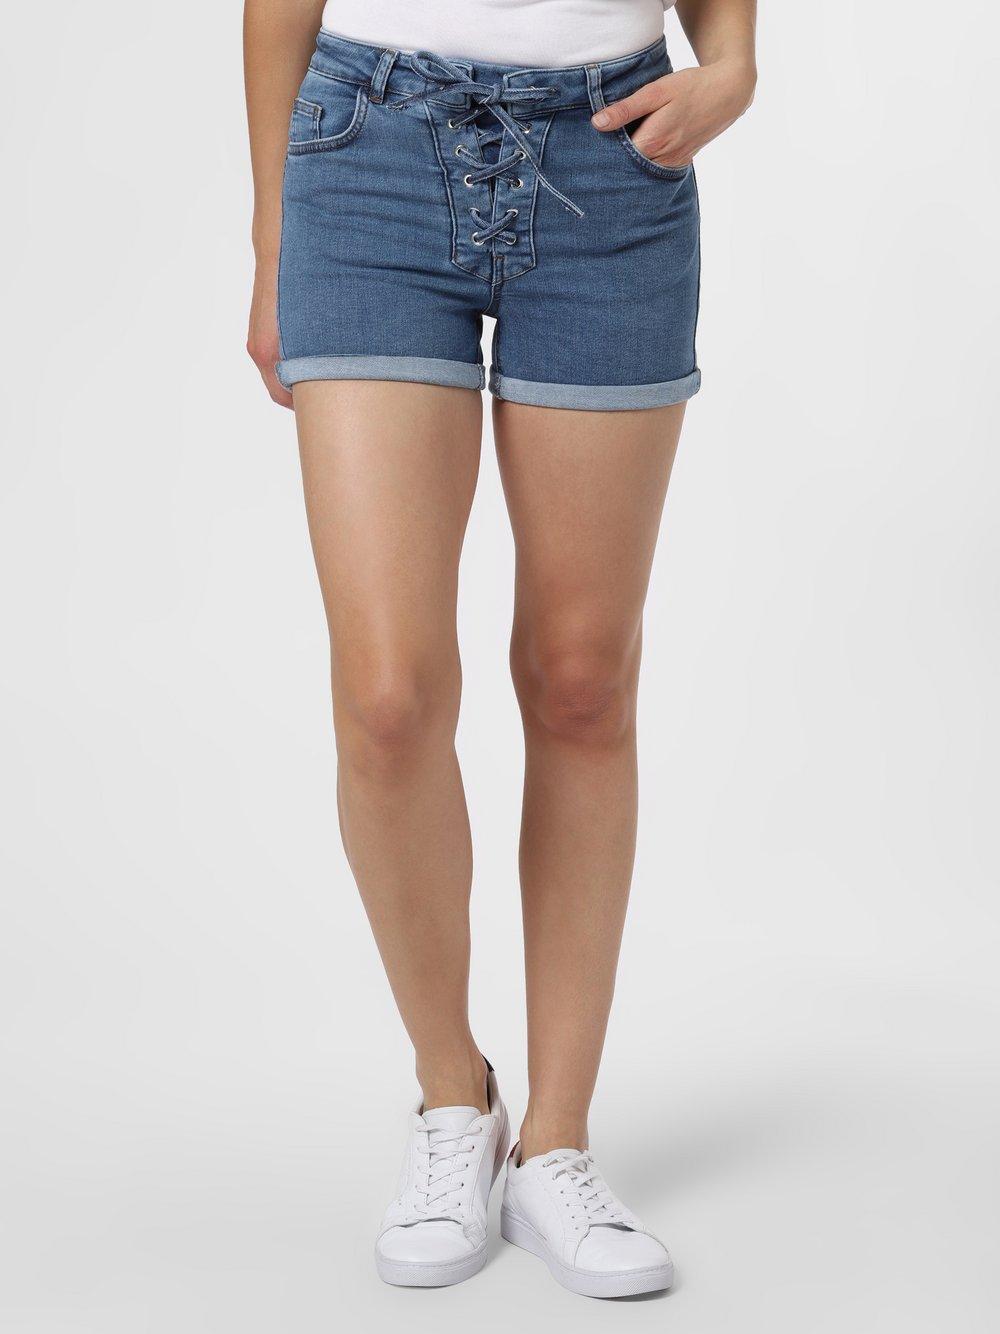 NA-KD – Damskie krótkie spodenki jeansowe, niebieski Van Graaf 477859-0001